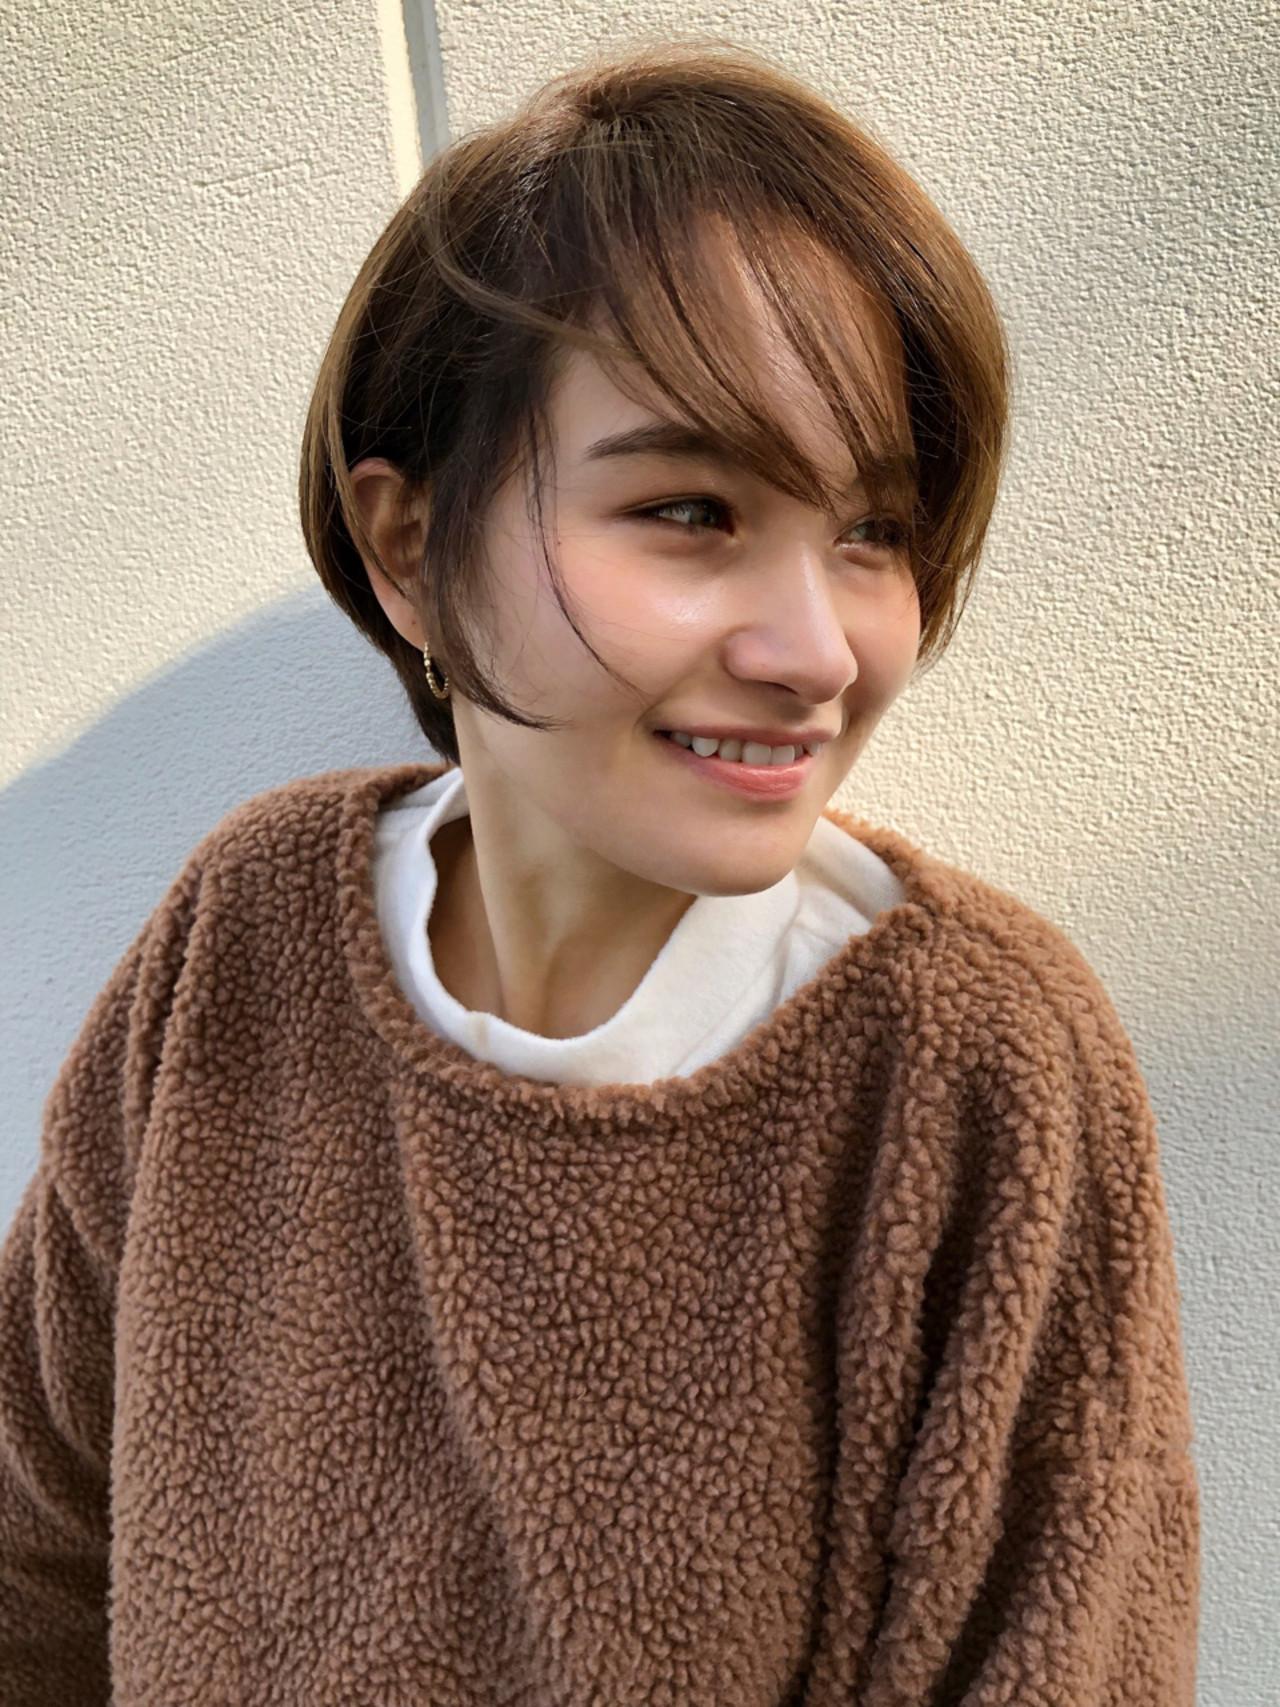 小顔 新垣結衣 ショート 色気 ヘアスタイルや髪型の写真・画像 | 今野佑哉 / GARDEN Tokyo